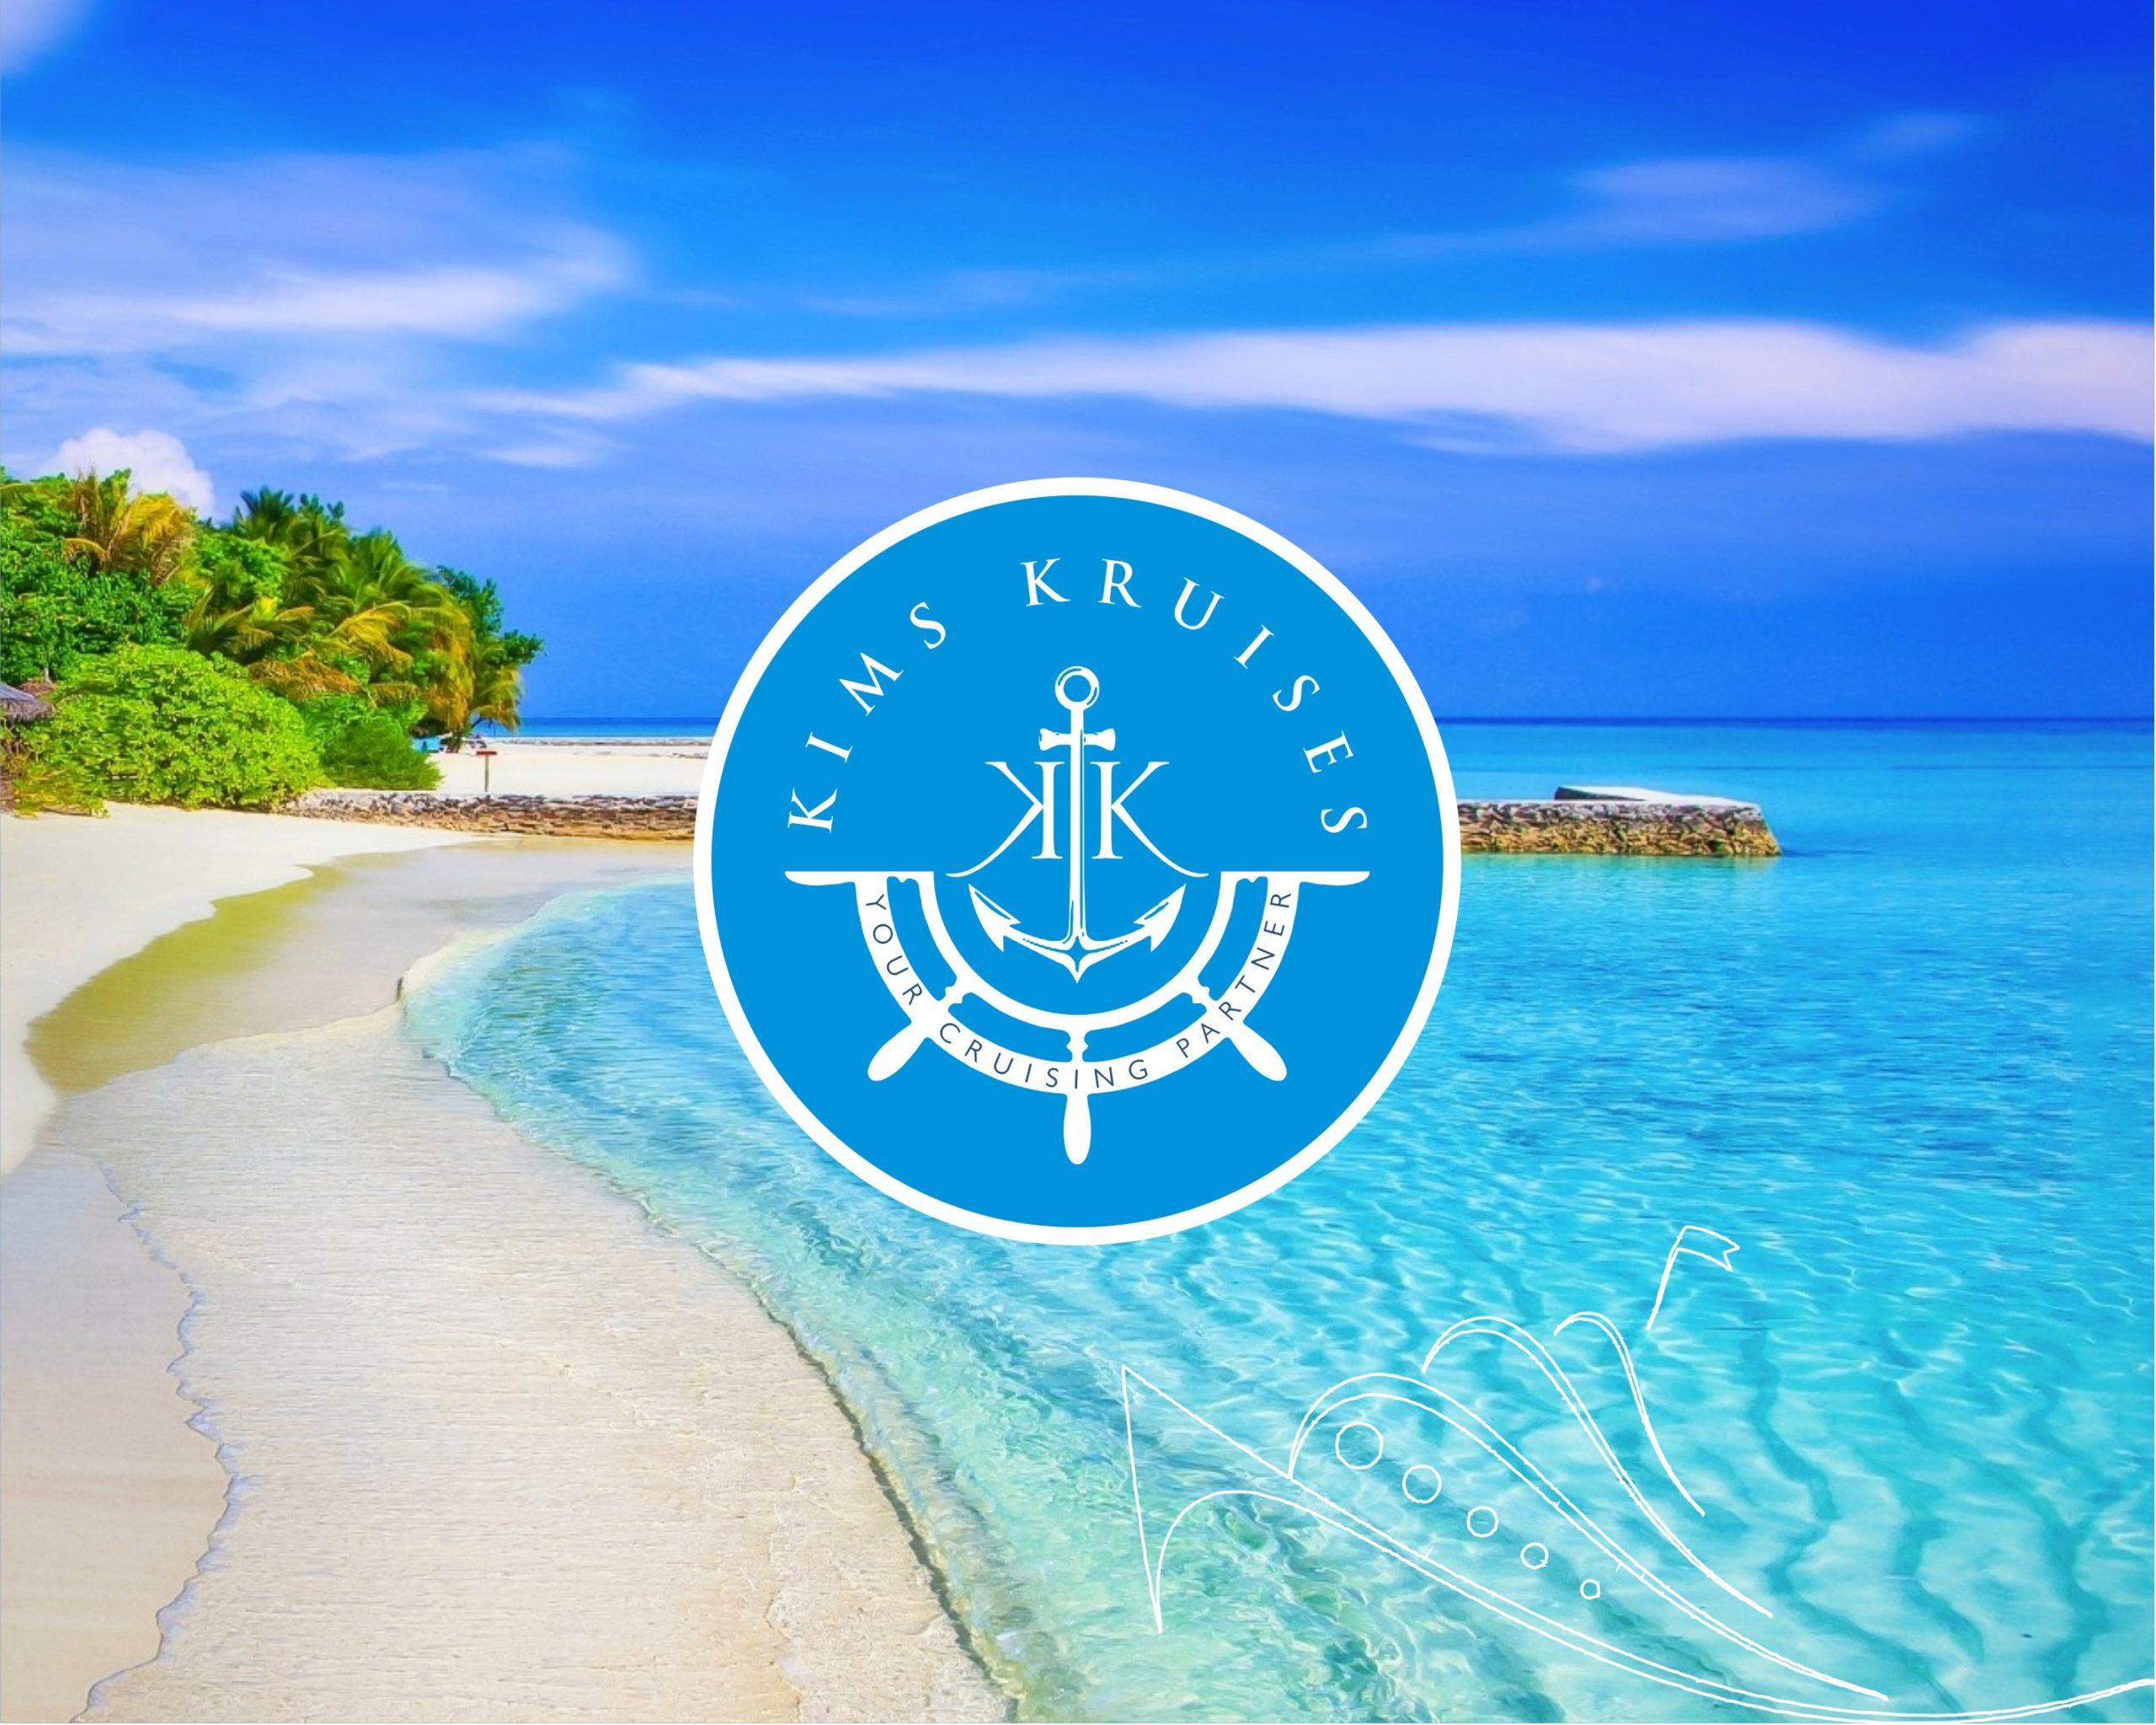 Kims-Cruises-image2